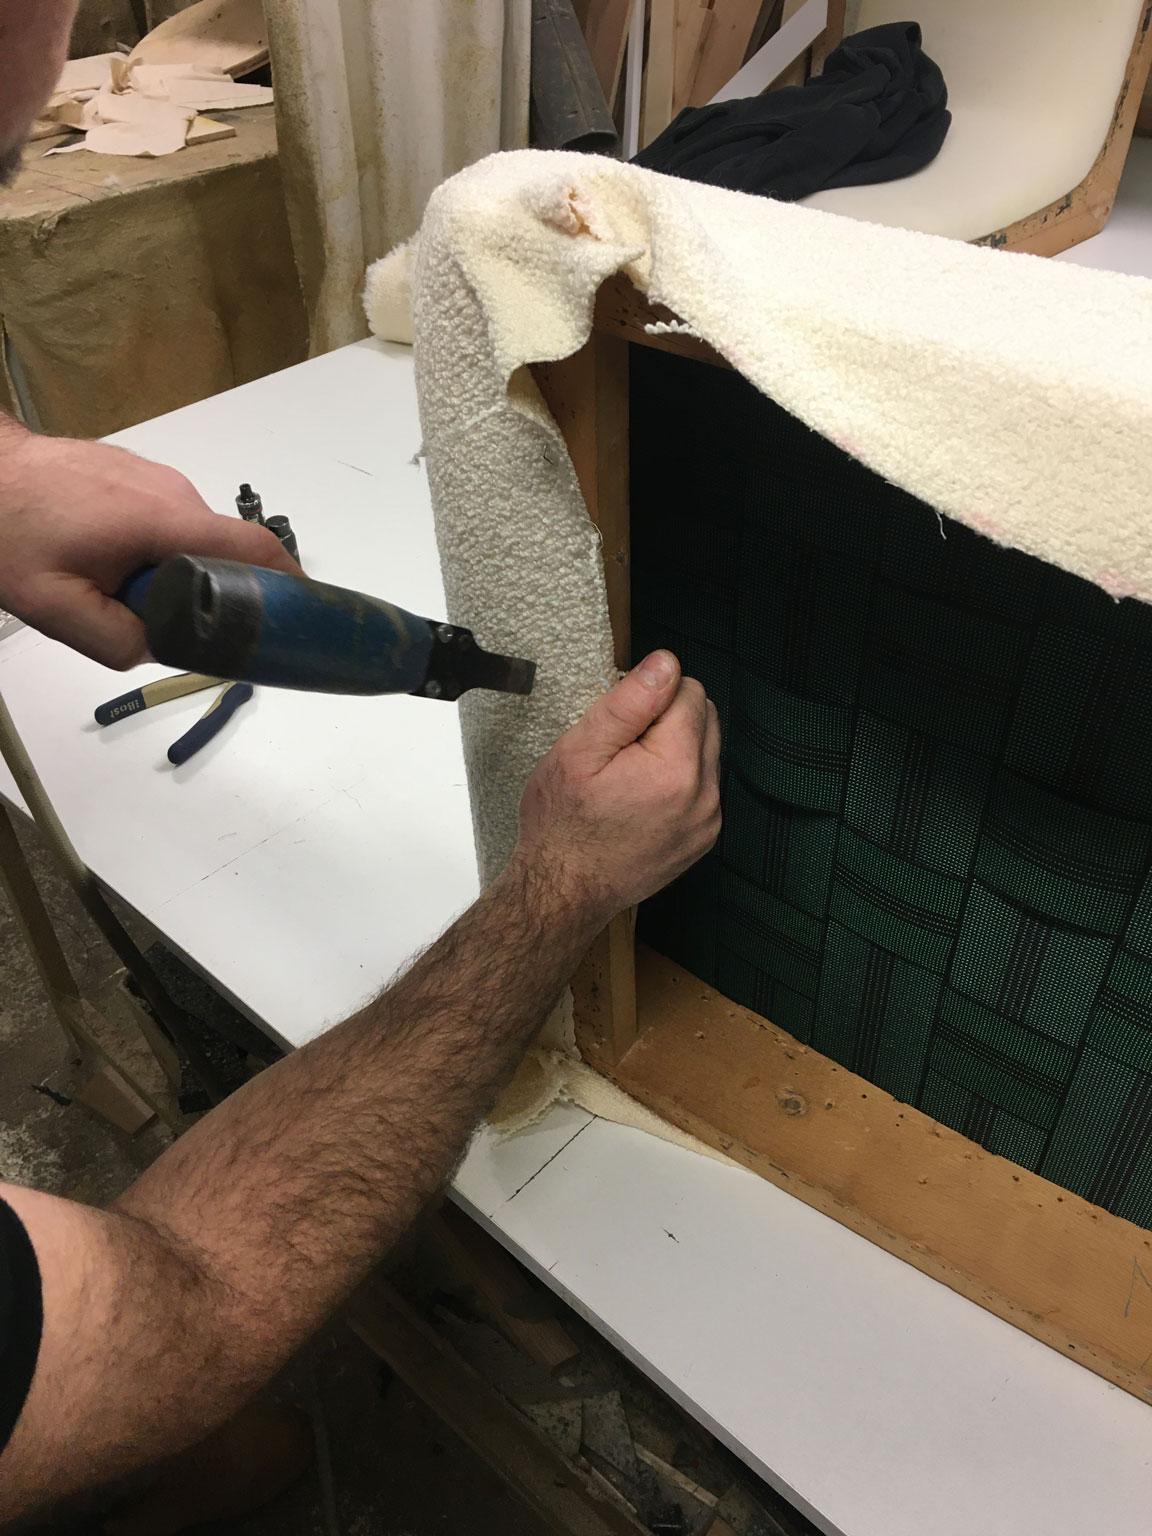 Restauration d'un fauteuil vintage par Atelier 2 pour Emmanuelle Vidal